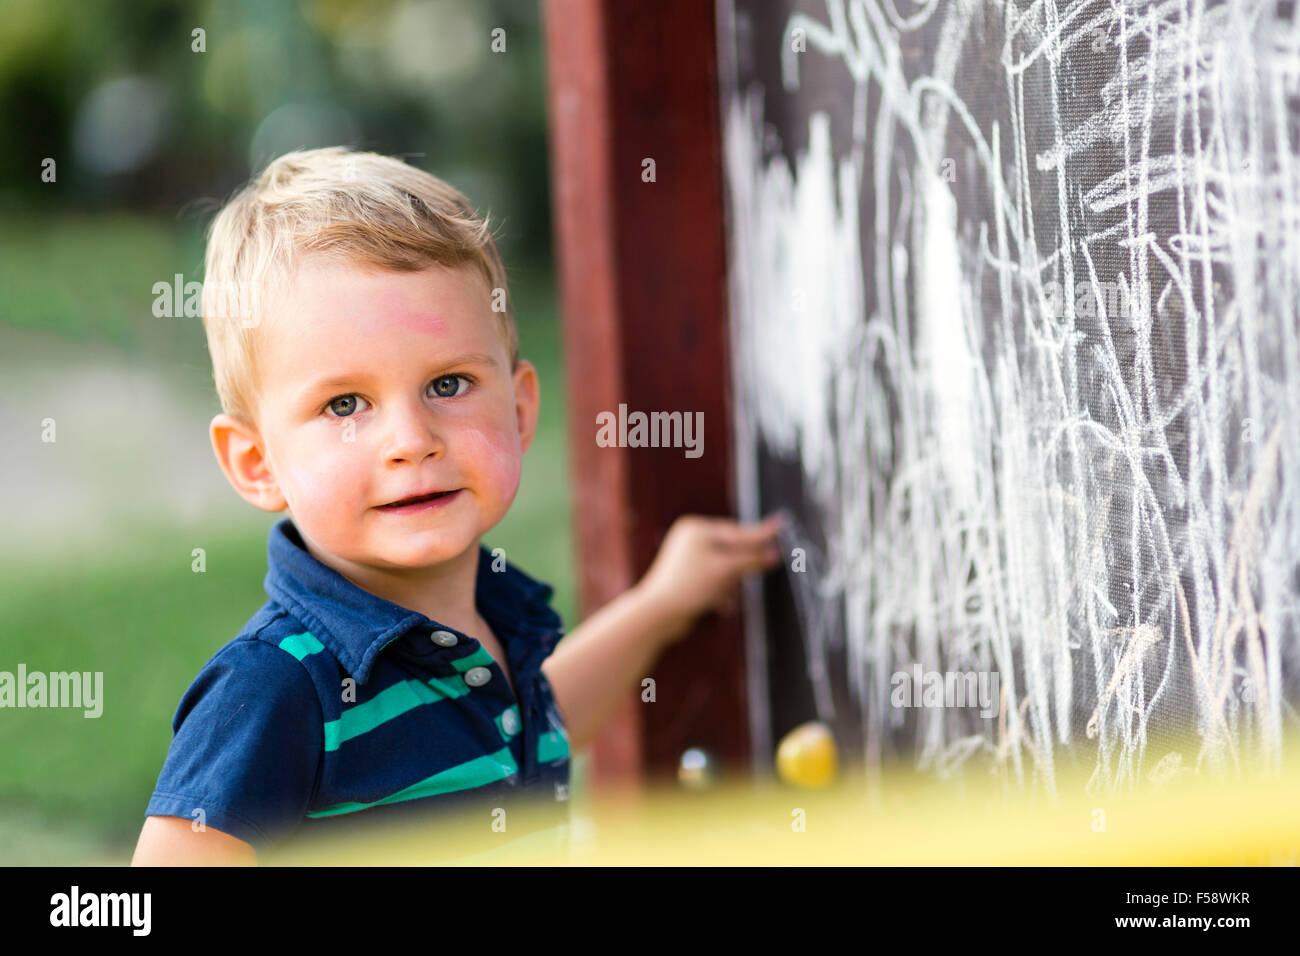 Kreative niedlichen Kleinkind zeichnen mit Kreide im freien Stockbild